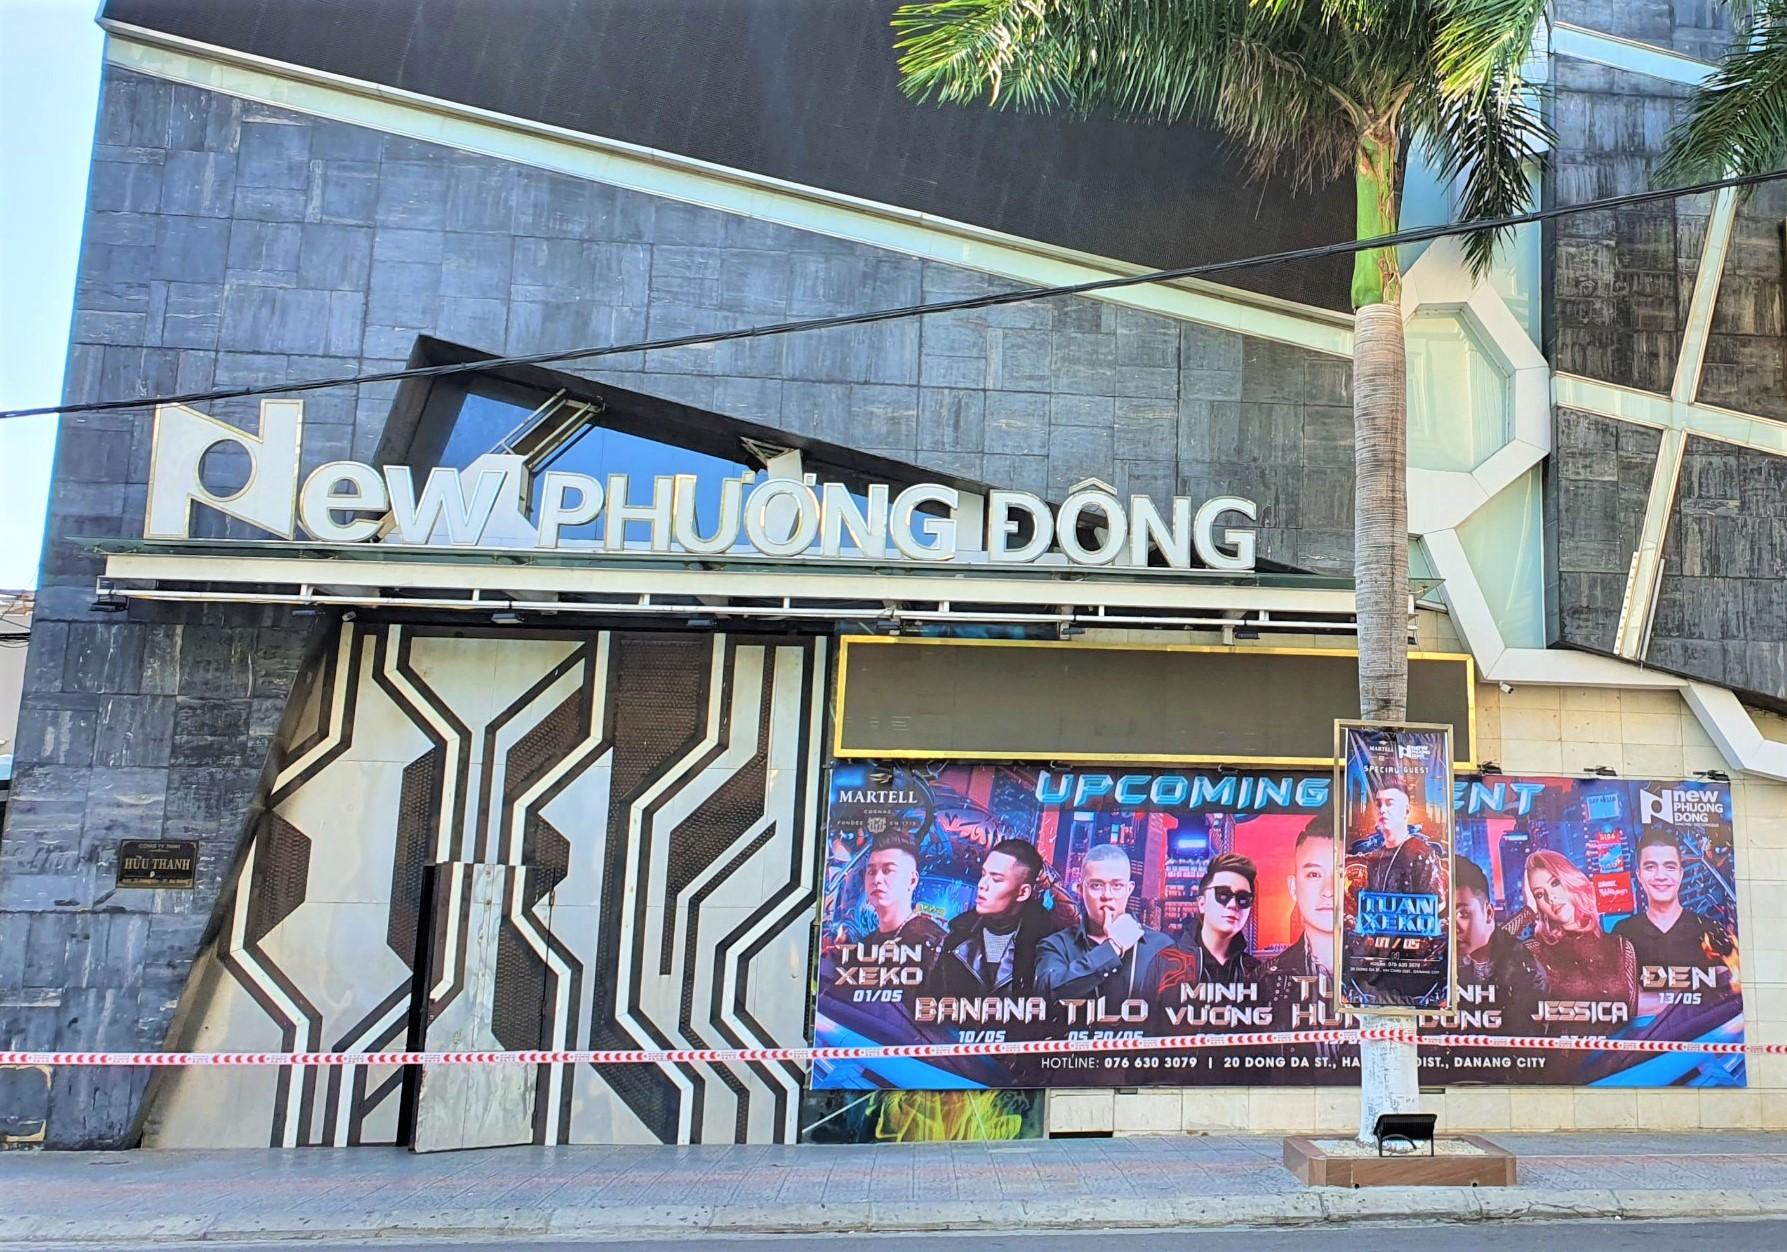 Theo Báo cáo của Bệnh viện Đa khoa Gia đình Đà Nẵng, người bạn đi cùng khai báo bệnh nhân có đến quán bar New Phương Đông.